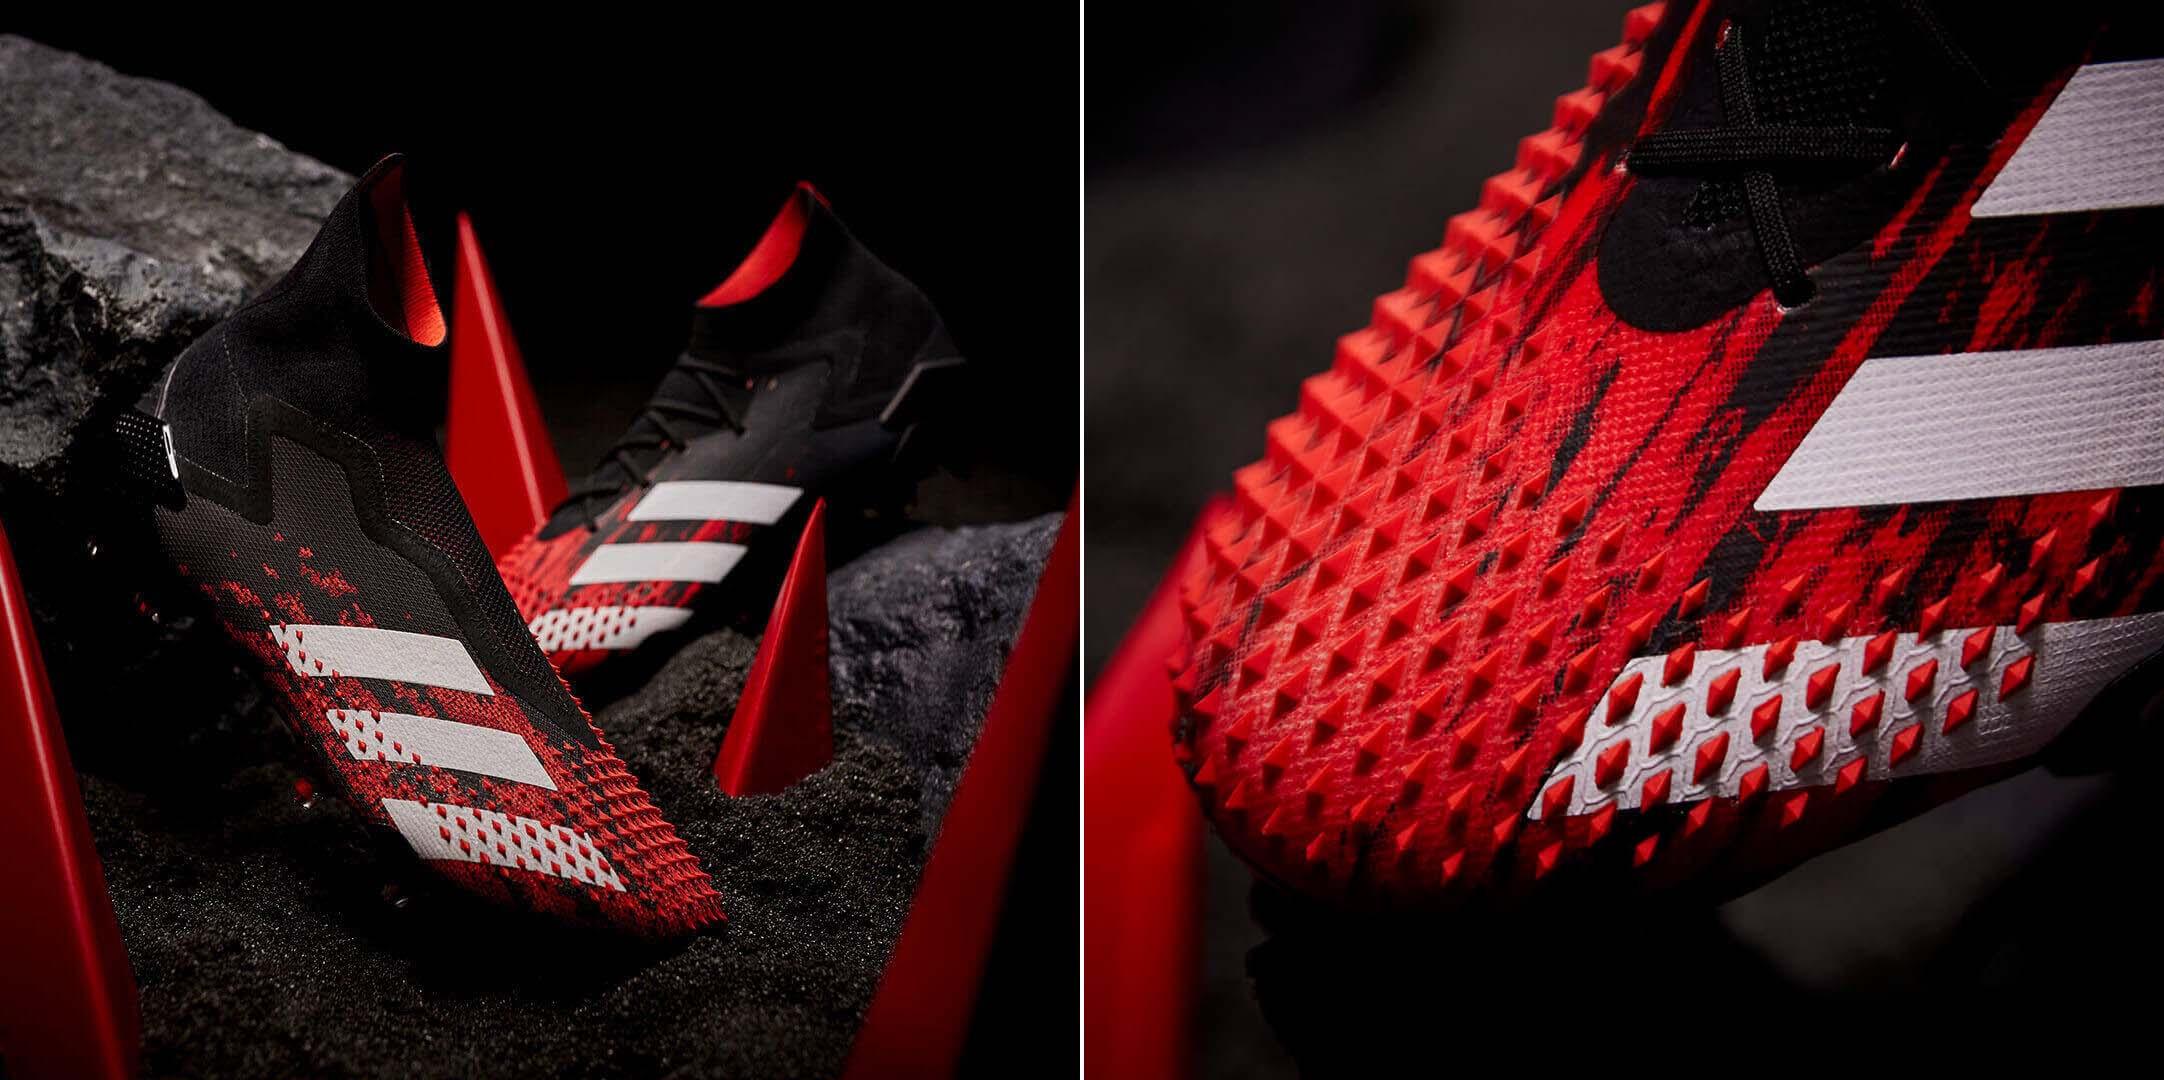 Giày Adidas Predator 20+ không dây và Adidas Predator 20.1 bản cổ cao với lớp da gai nhọn Demon Skin